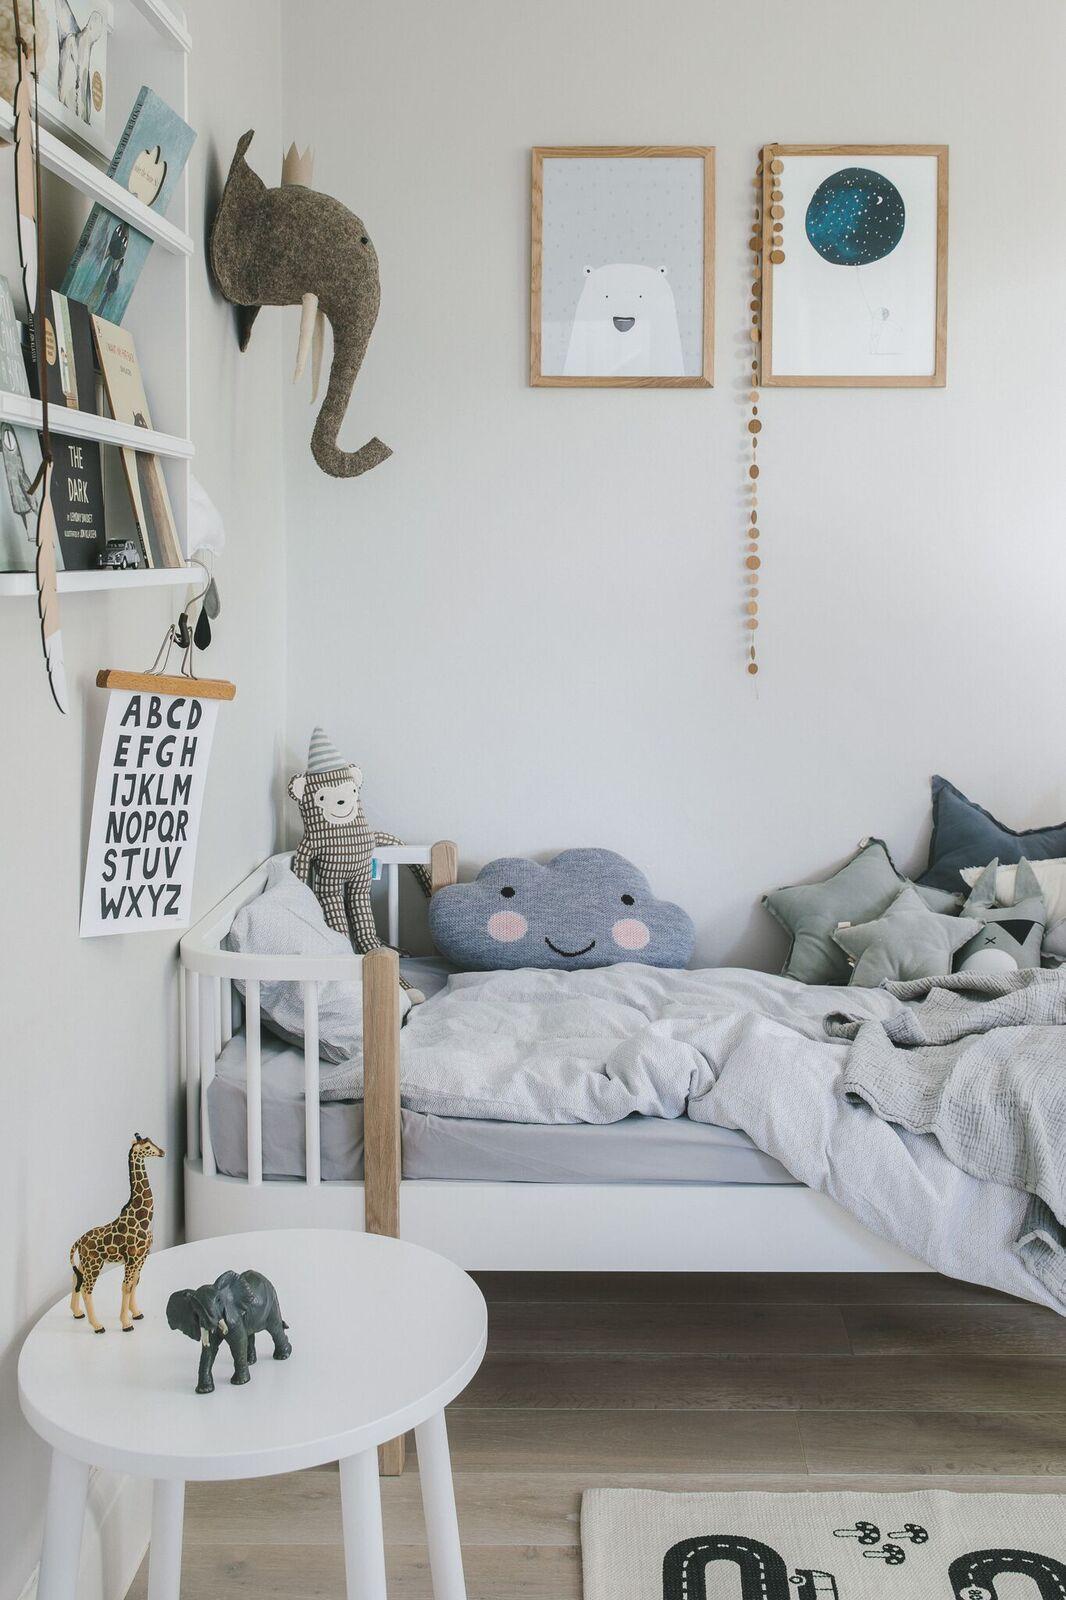 Full Size of Kinderzimmer Einrichtung Einrichten Im Skandinavischen Stil Regal Sofa Regale Weiß Kinderzimmer Kinderzimmer Einrichtung